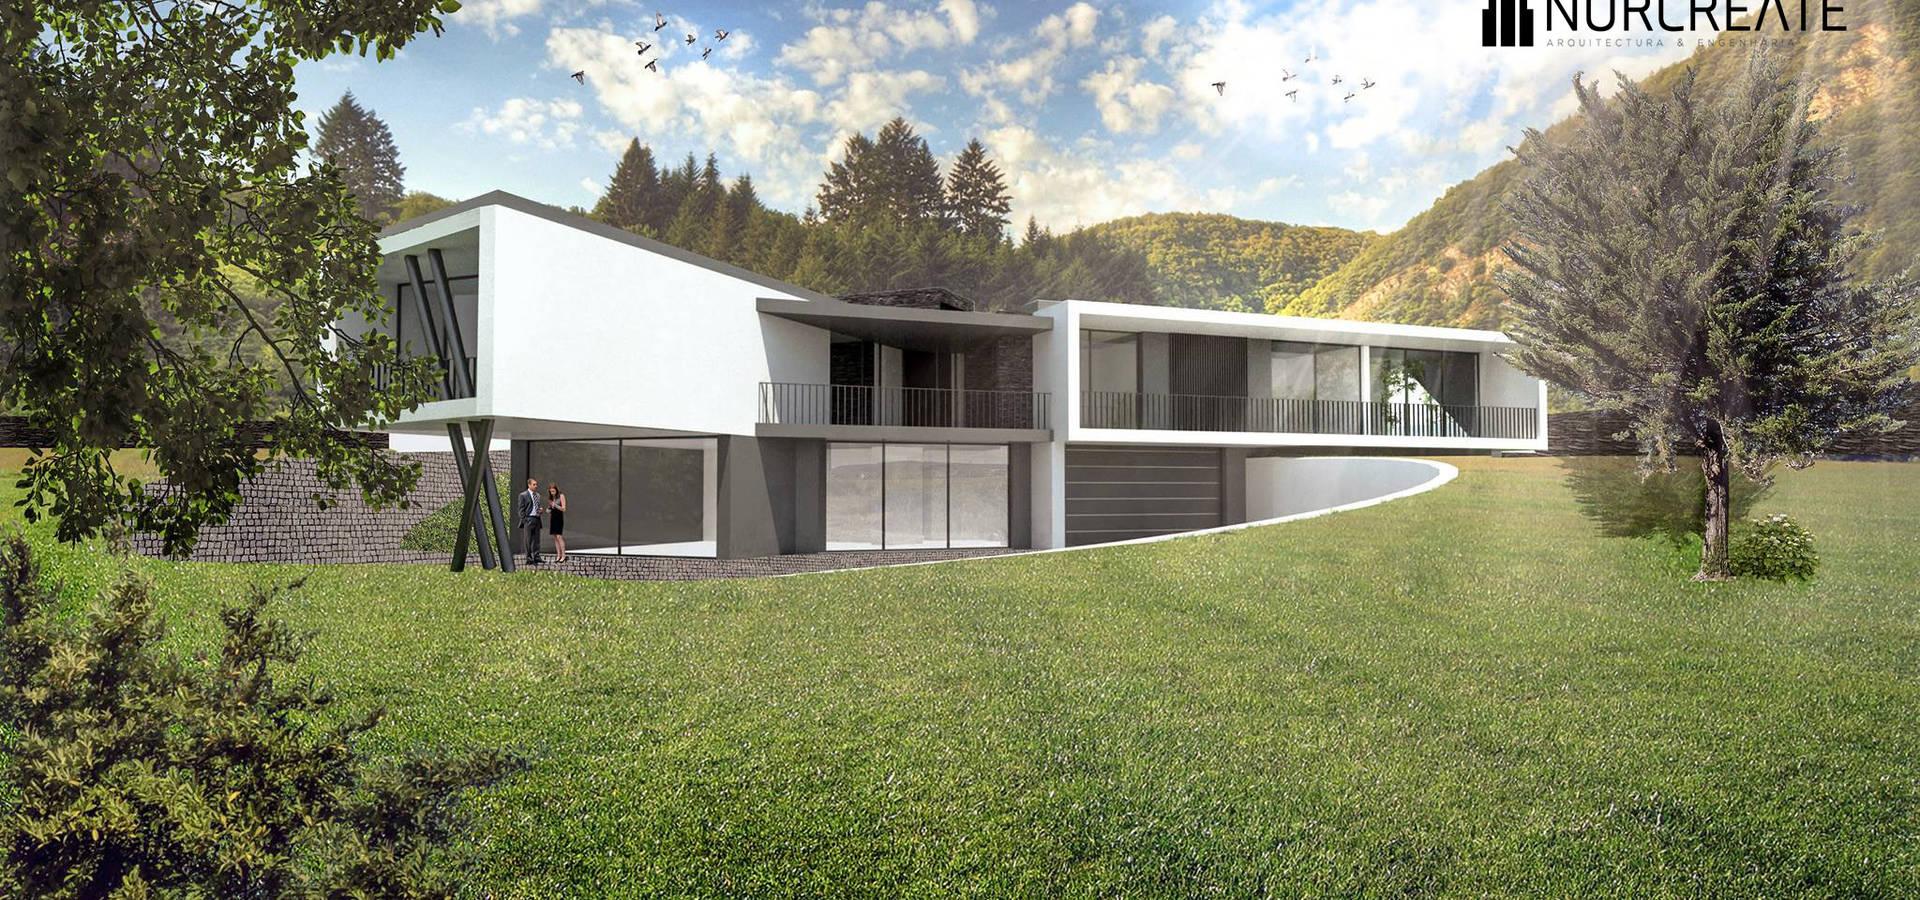 NORCREATE—Arquitectura & Engenharia